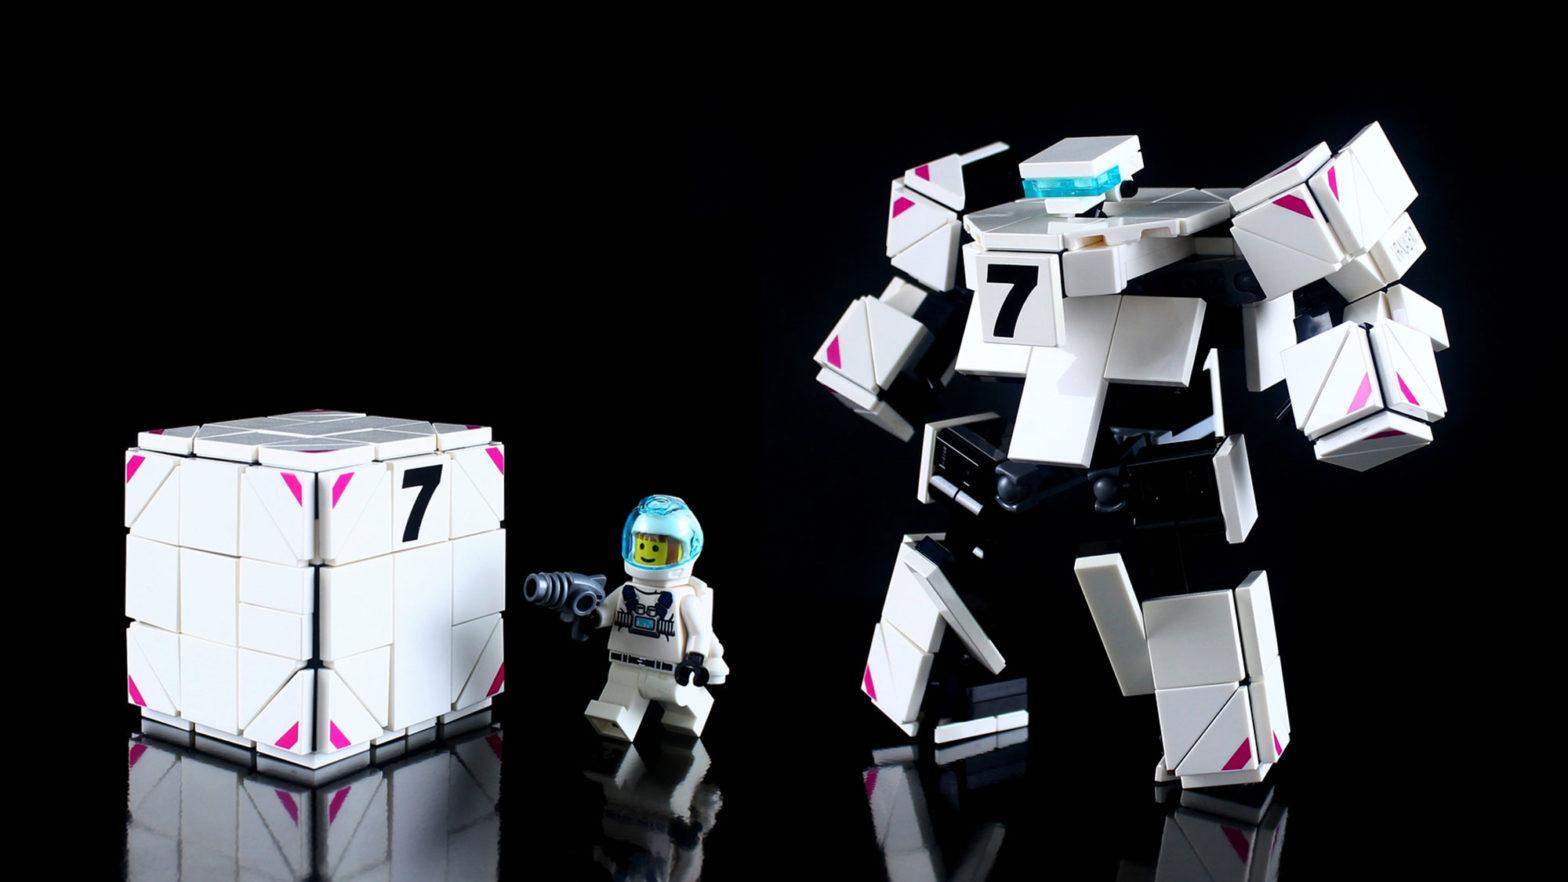 LEGO Cube Transforms Into a Robot